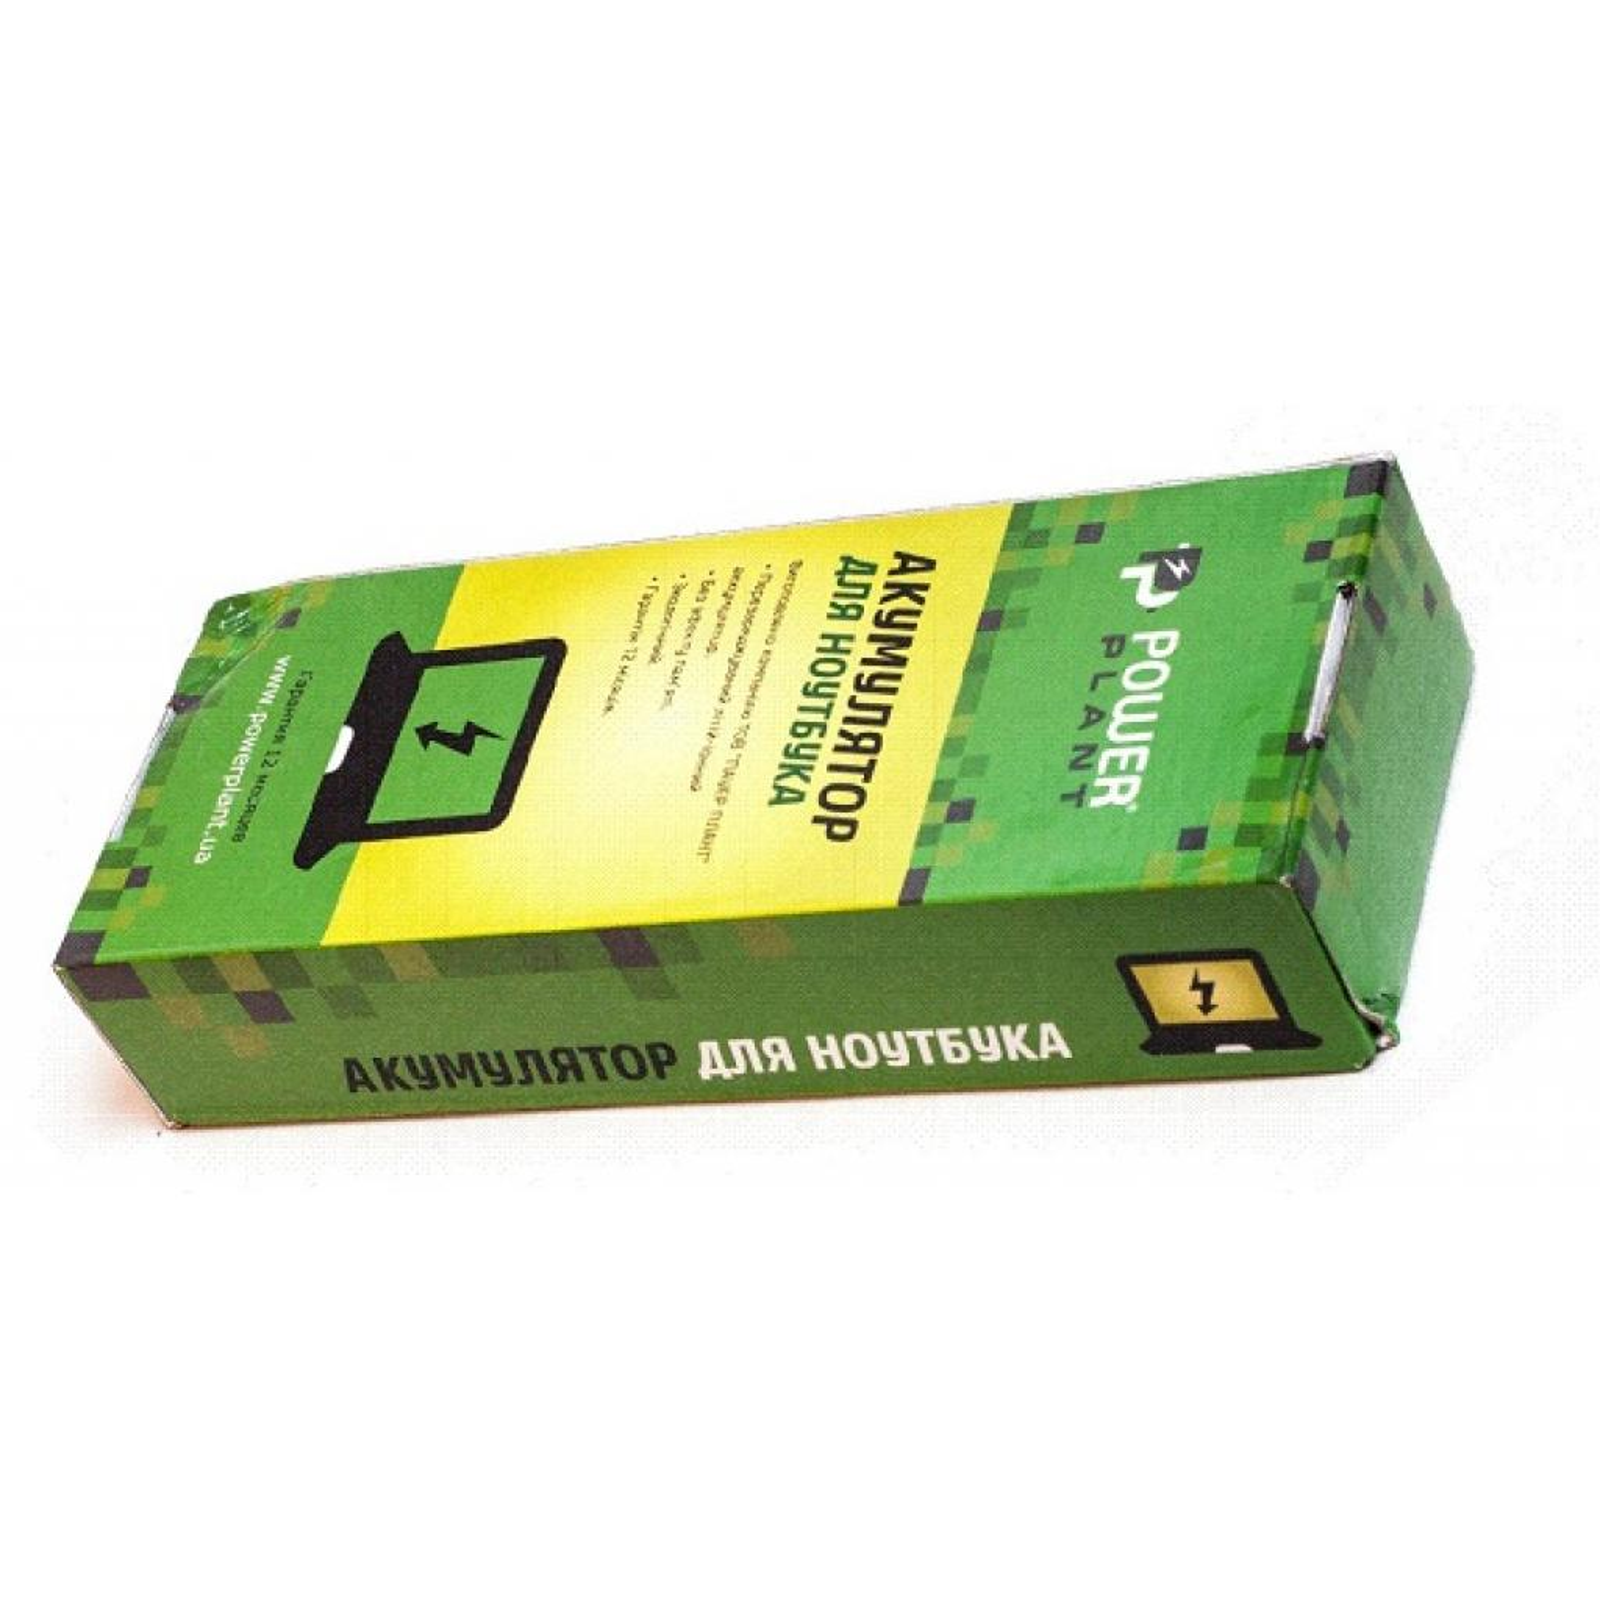 Аккумулятор для ноутбука ASUS A40J (A32-K52, ASA420LH) 14.8V 5200mAh PowerPlant (NB00000150) изображение 3